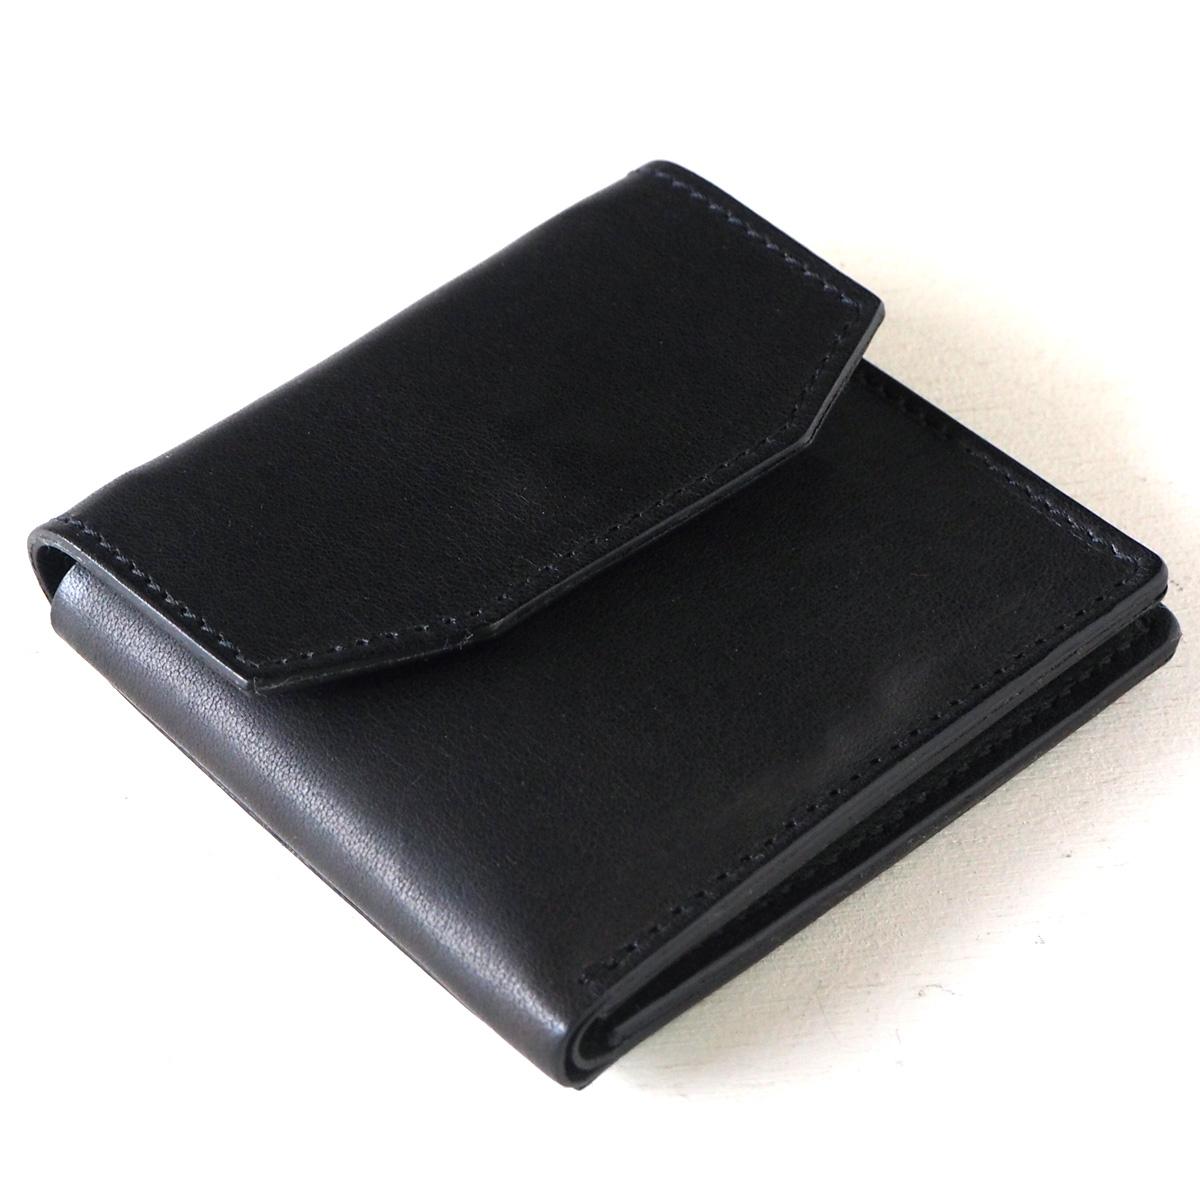 ANNAK(アナック) 栃木レザー コンパクト二つ折り ギャルソンウォレット オールレザー ブラック [AK16TA-B0054-BLK] 2つ折り財布 レザーウォレット 革財布 革製品 革小物